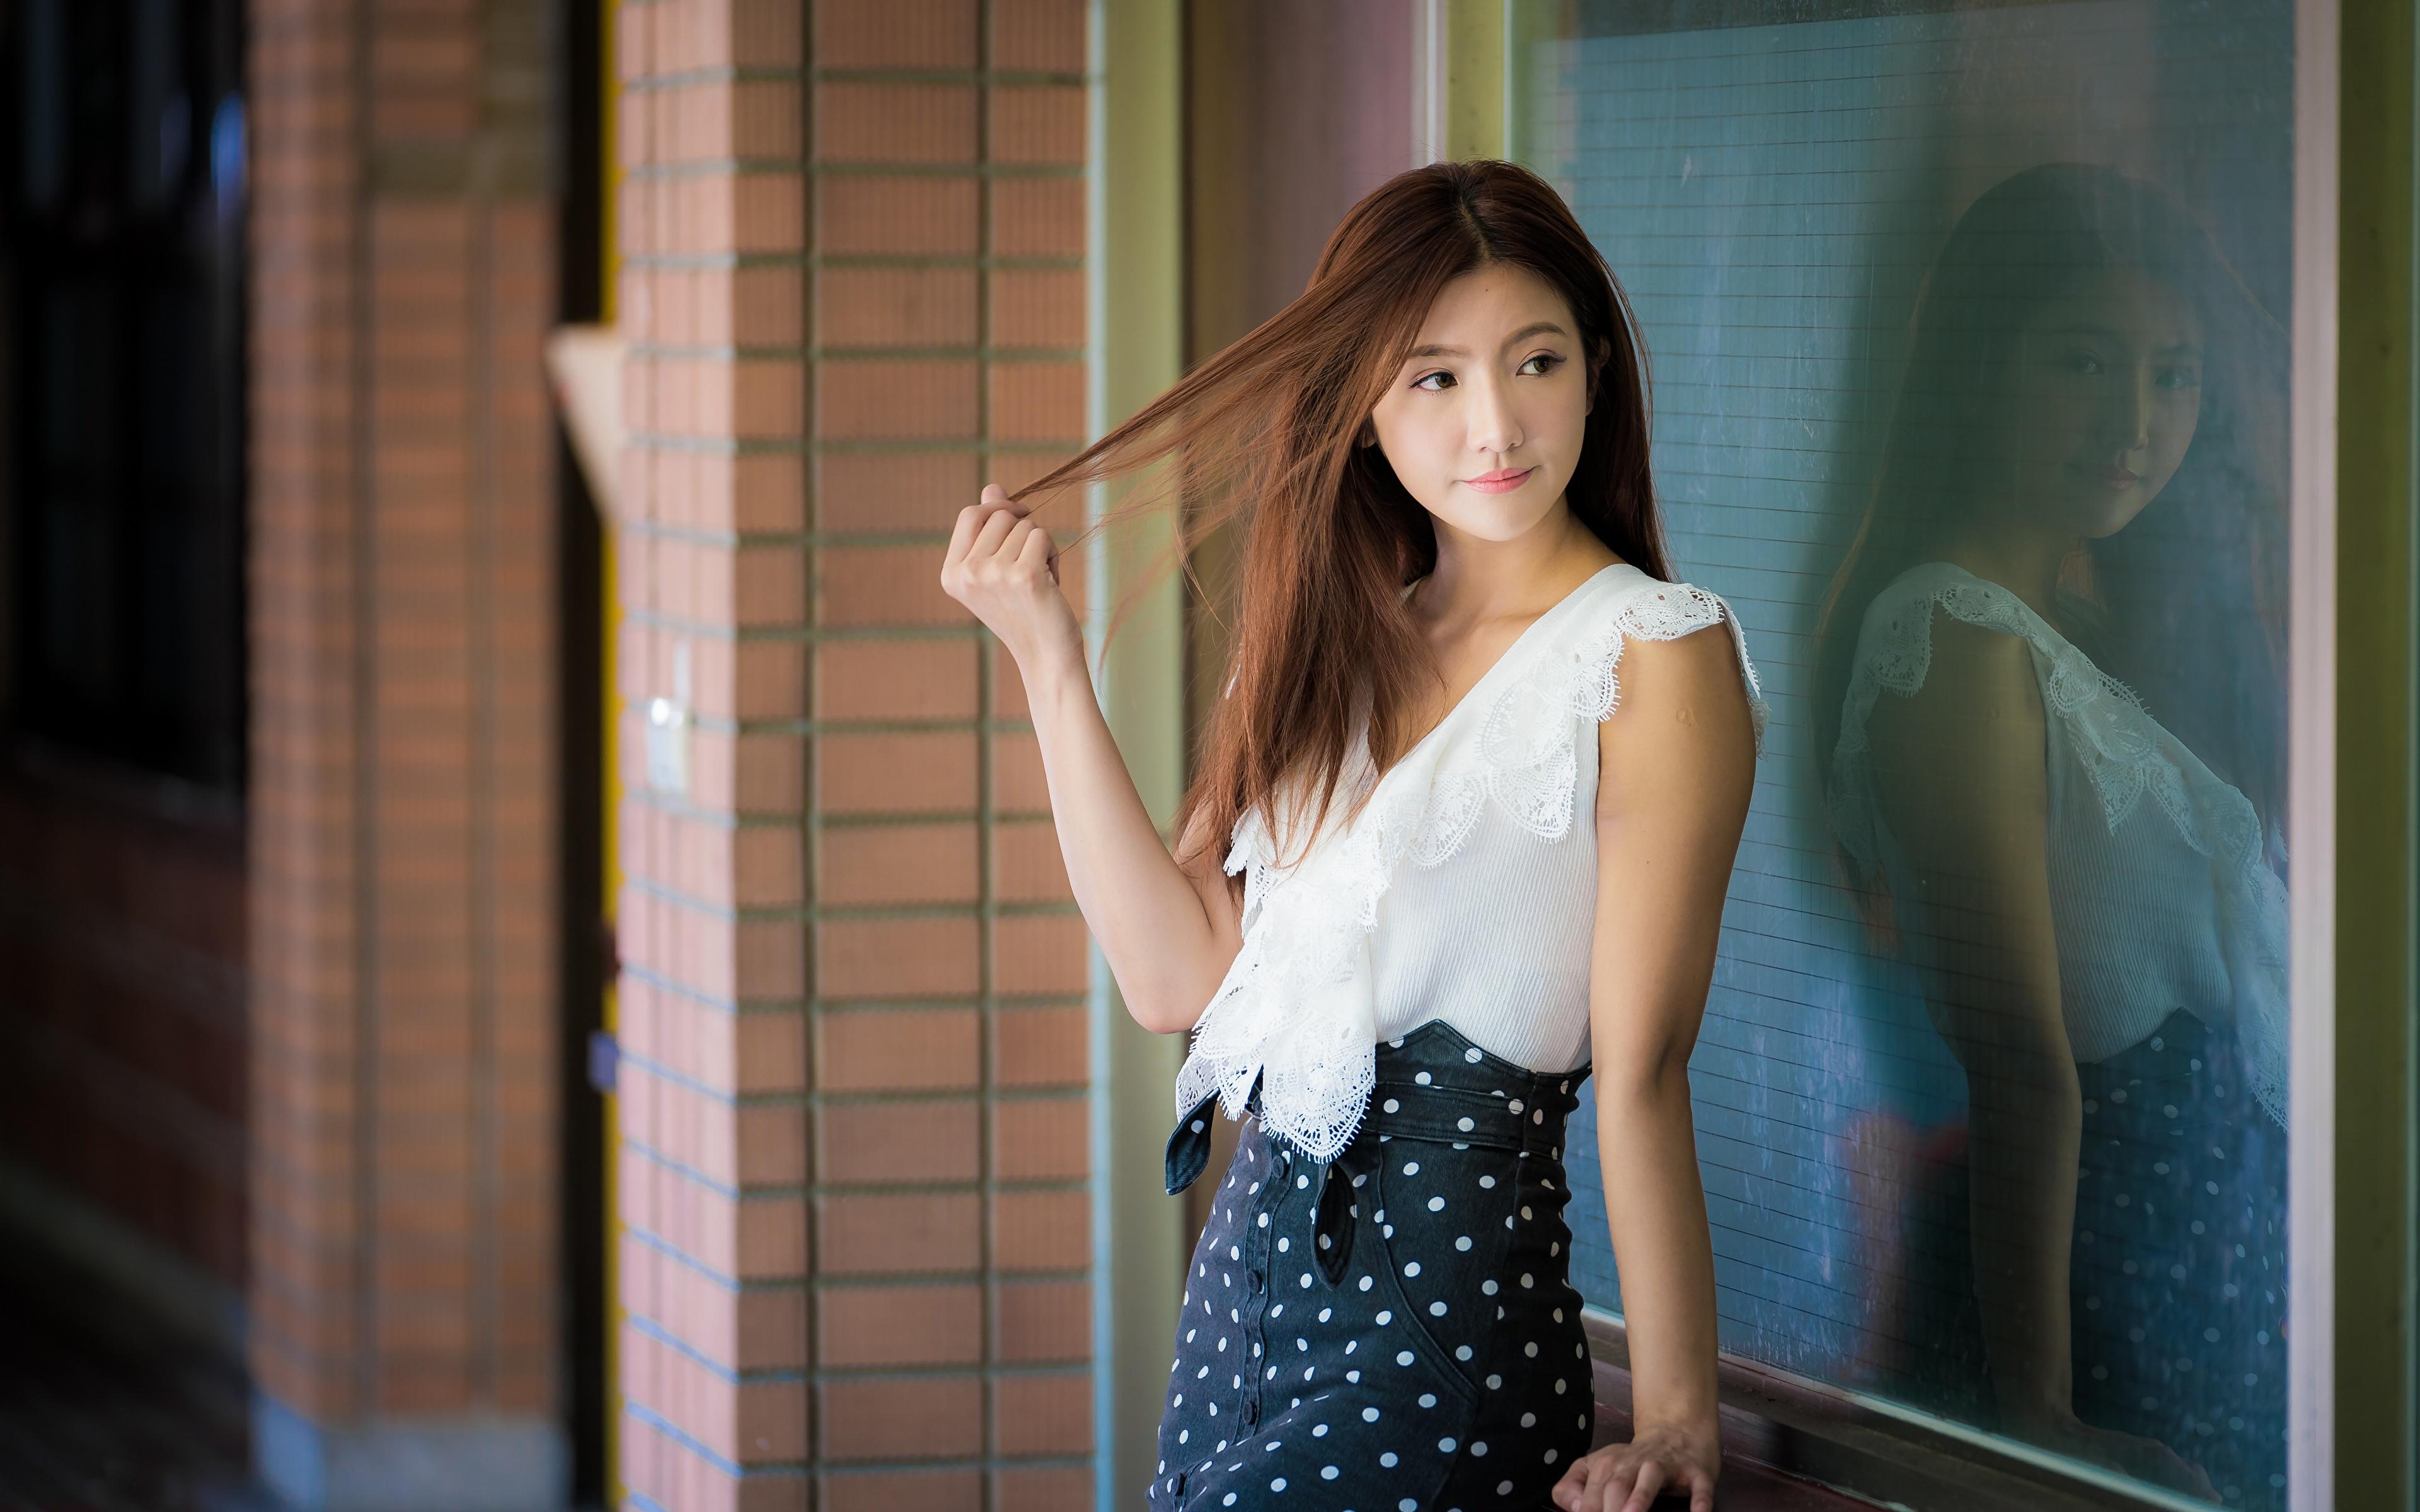 Картинка Шатенка Размытый фон позирует Девушки Азиаты отражении 3840x2400 шатенки боке Поза девушка молодые женщины молодая женщина азиатки азиатка Отражение отражается